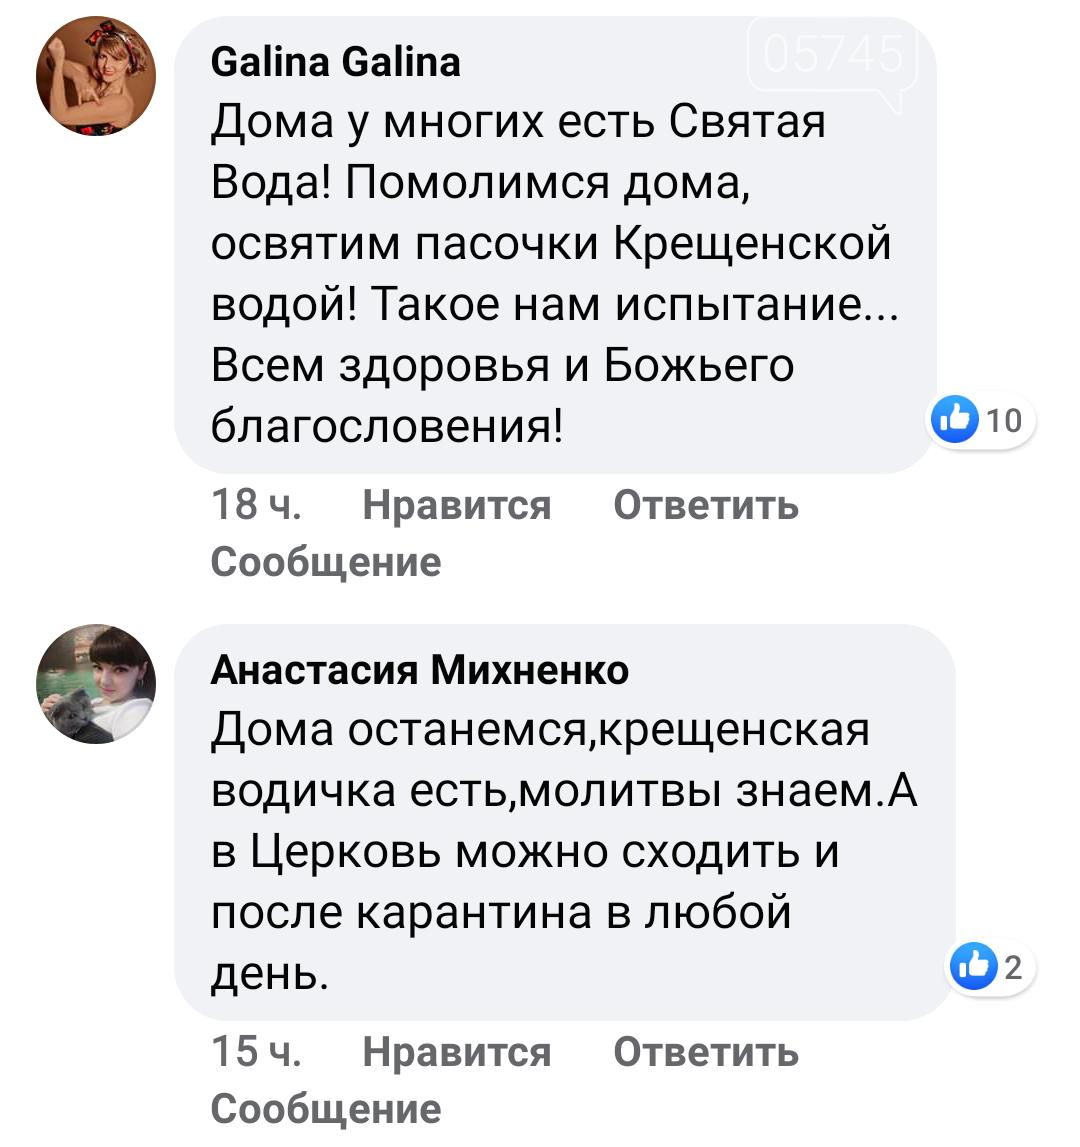 Пойдут ли лозовчане святить пасхальные корзины: результаты опроса от 05745.com.ua, фото-6